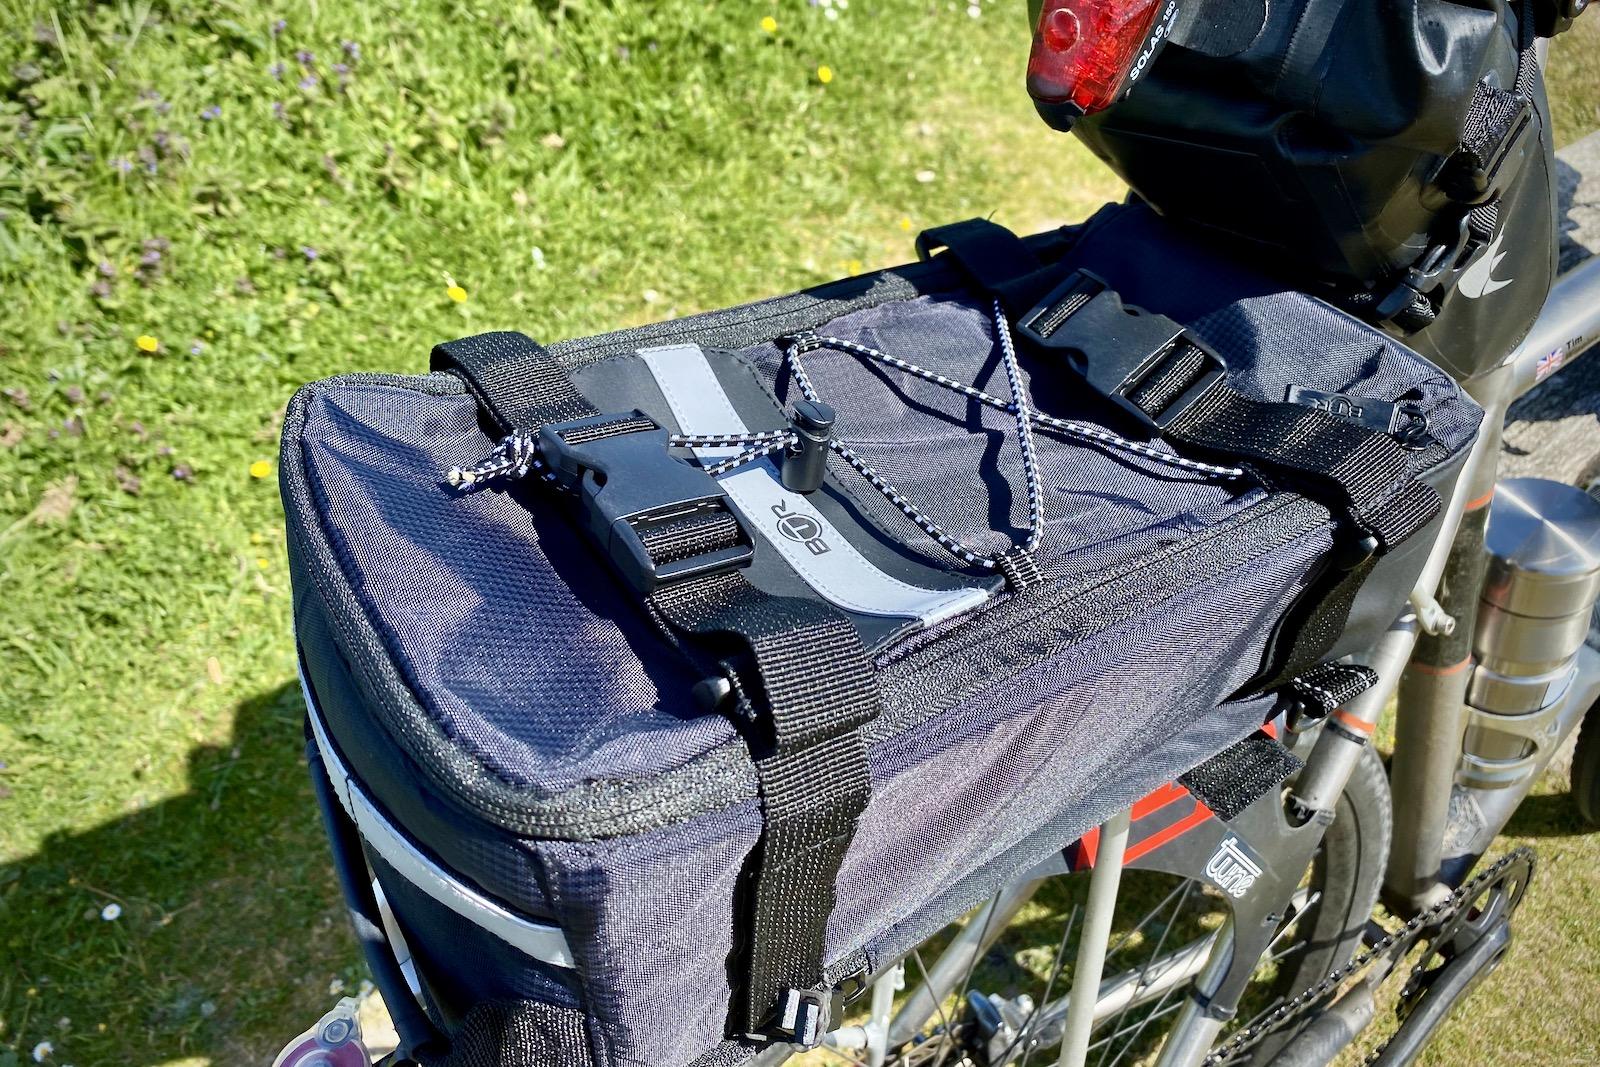 btr deluxe pannier rack top bicycle